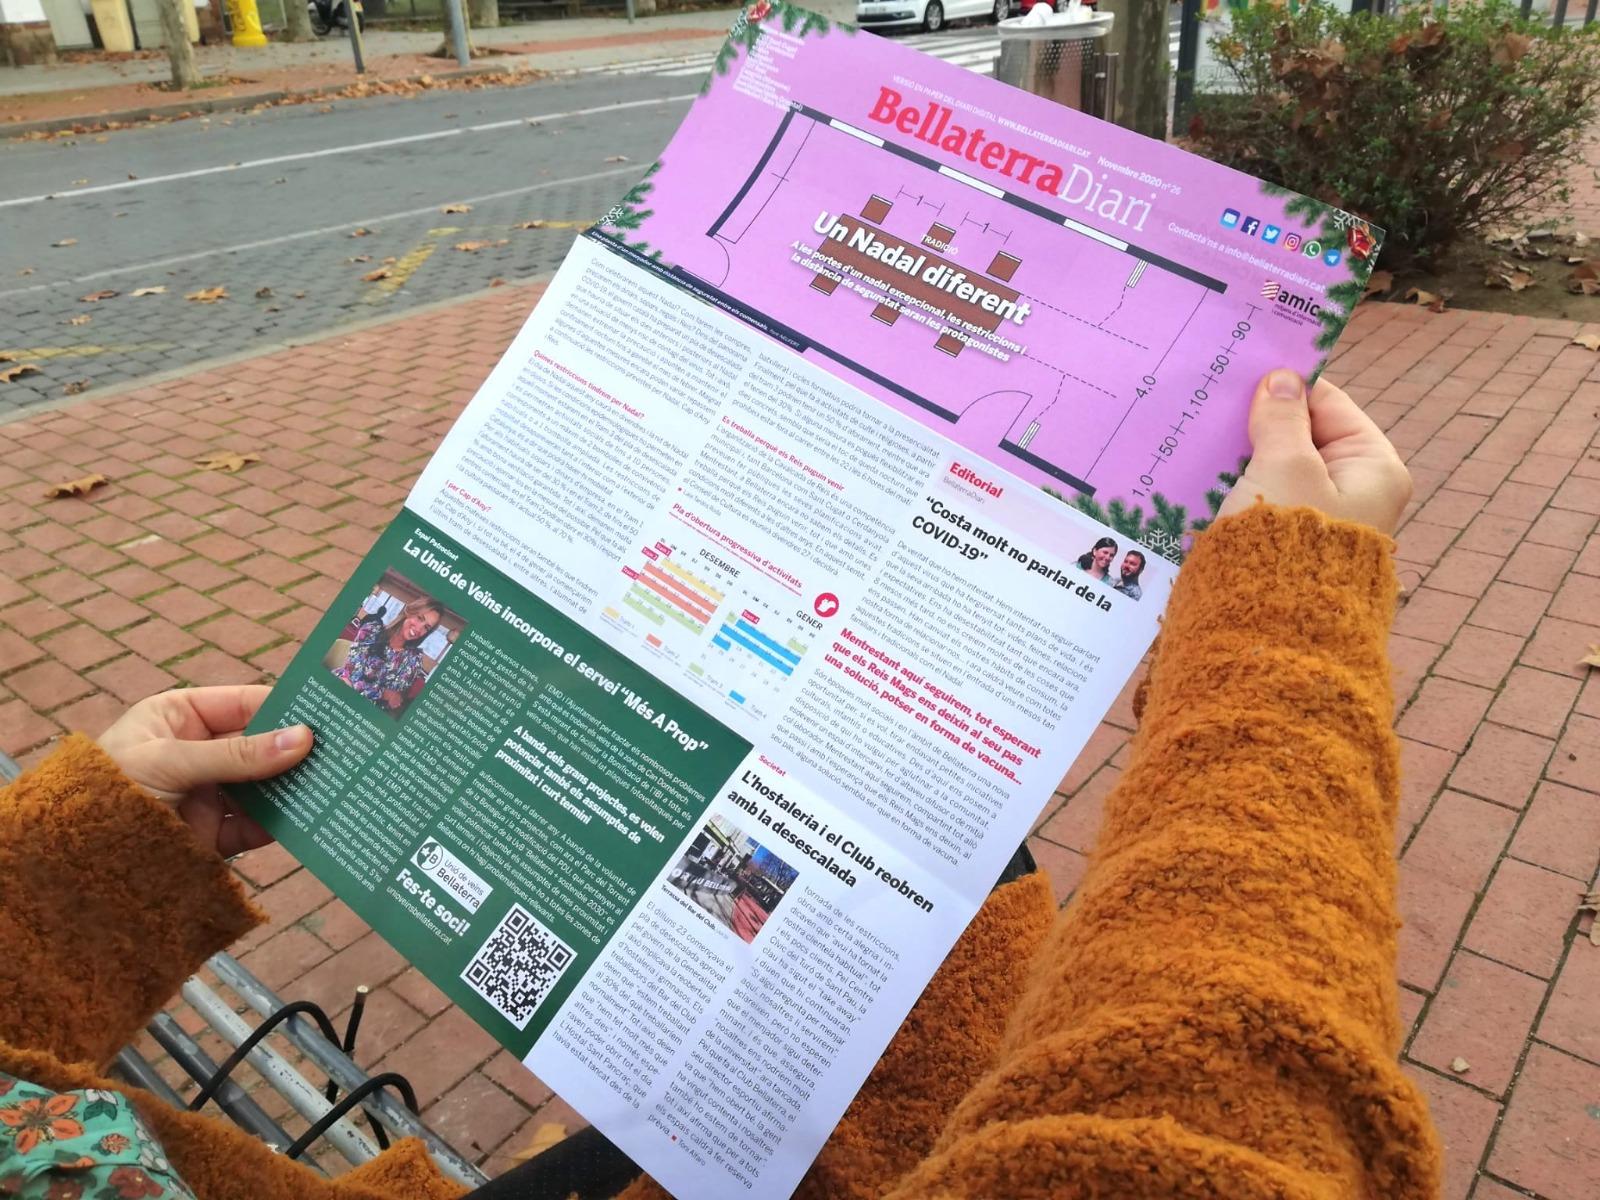 El BellaterraDiari en paper de novembre ja és al carrer | Redacció